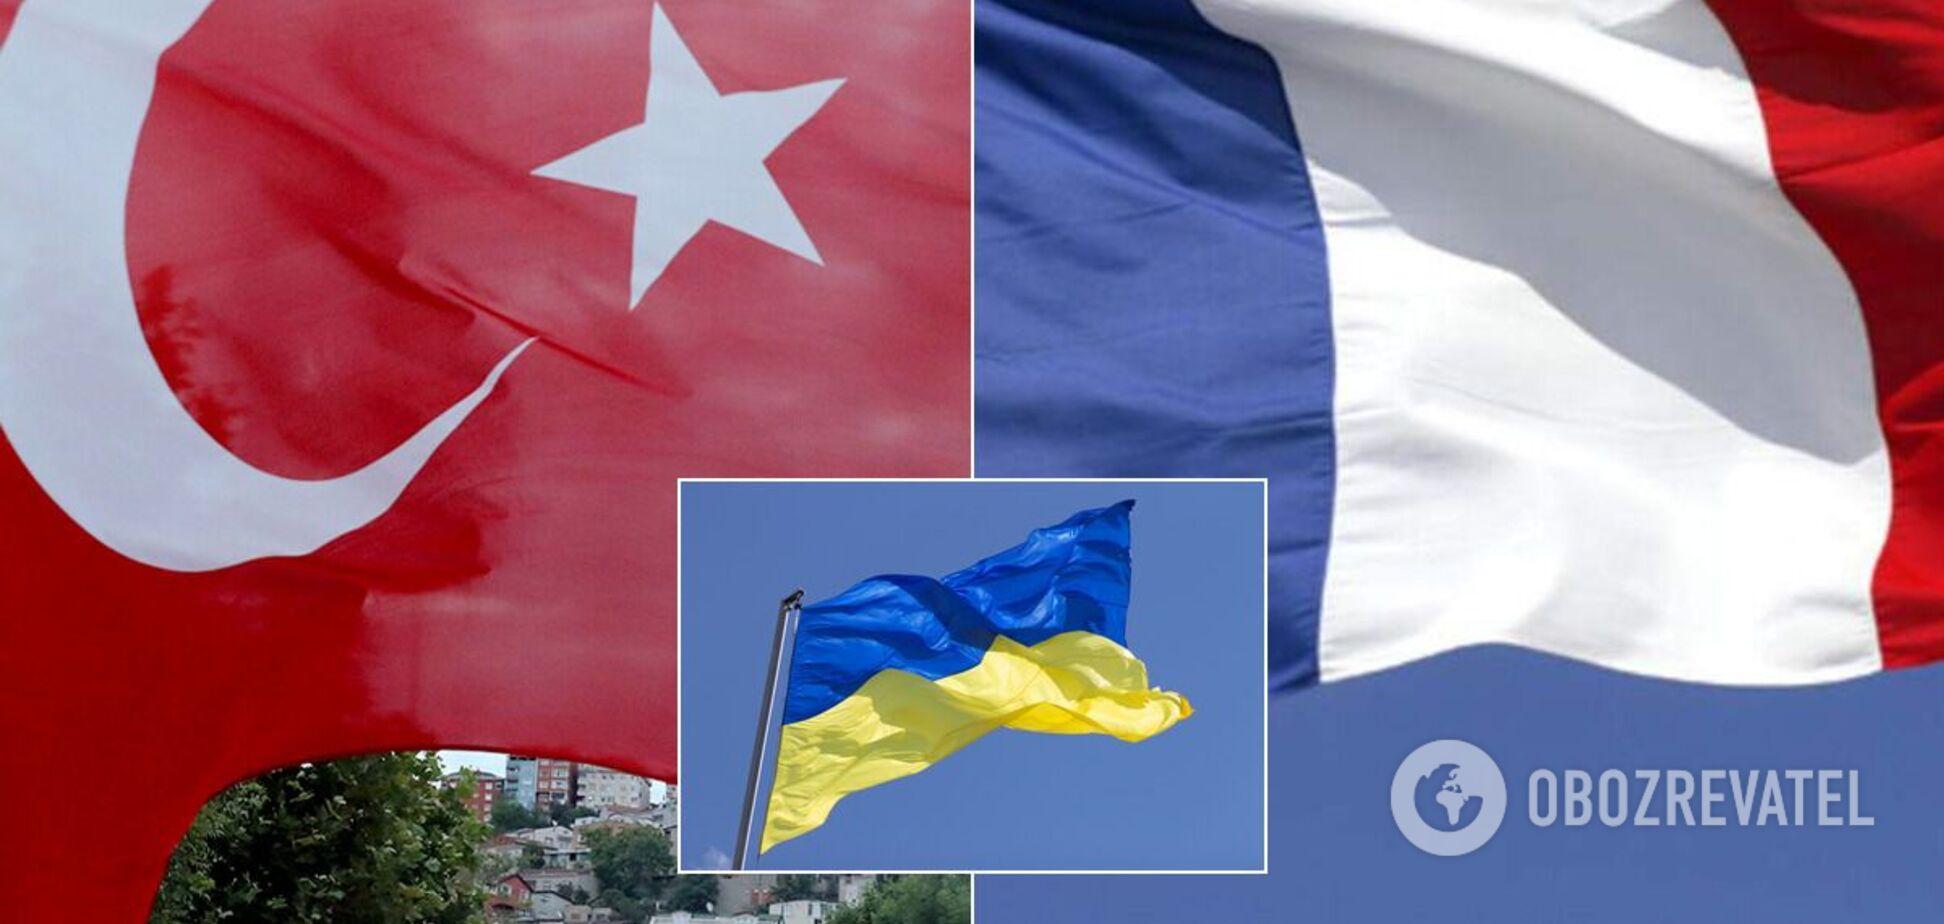 Кто пытается поссорить Турцию и Францию, и причем тут Украина